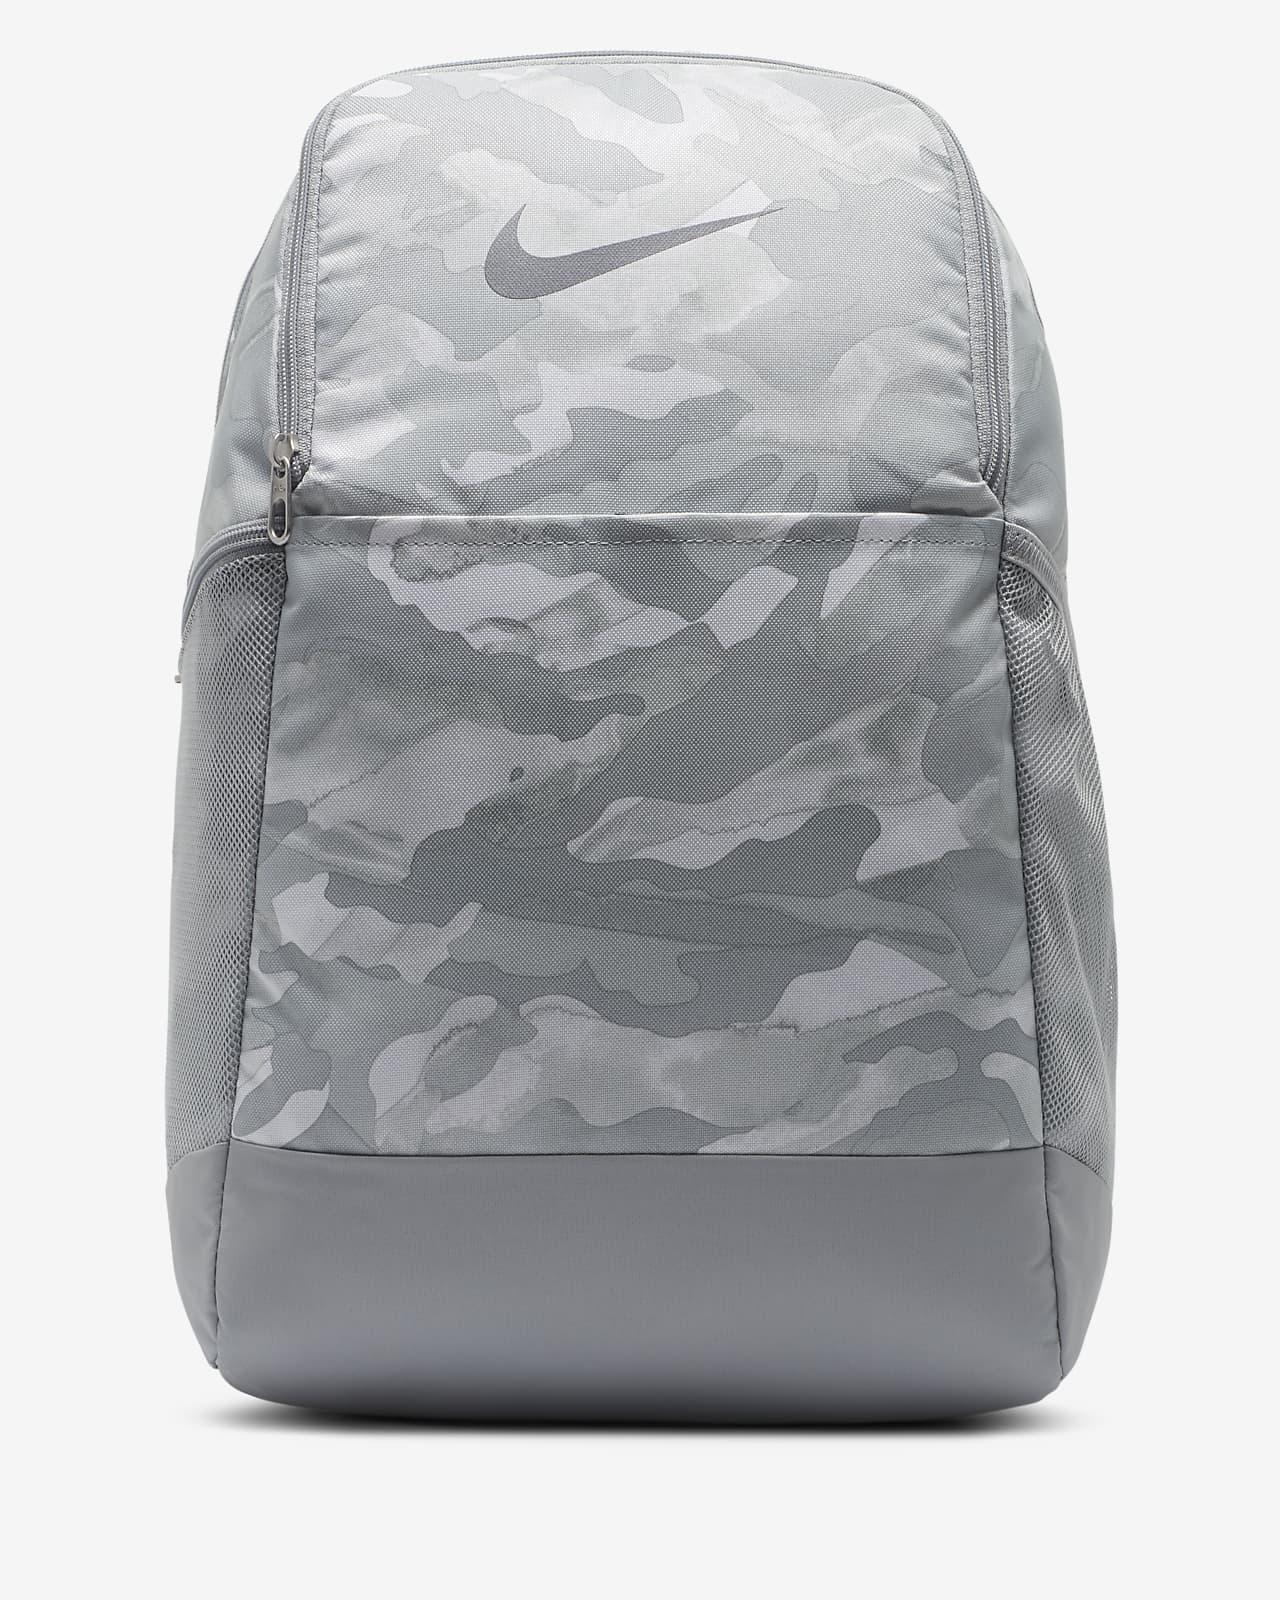 เป้สะพายหลังเทรนนิ่งพิมพ์ลาย Nike Brasilia 9.0 (ขนาดกลาง)